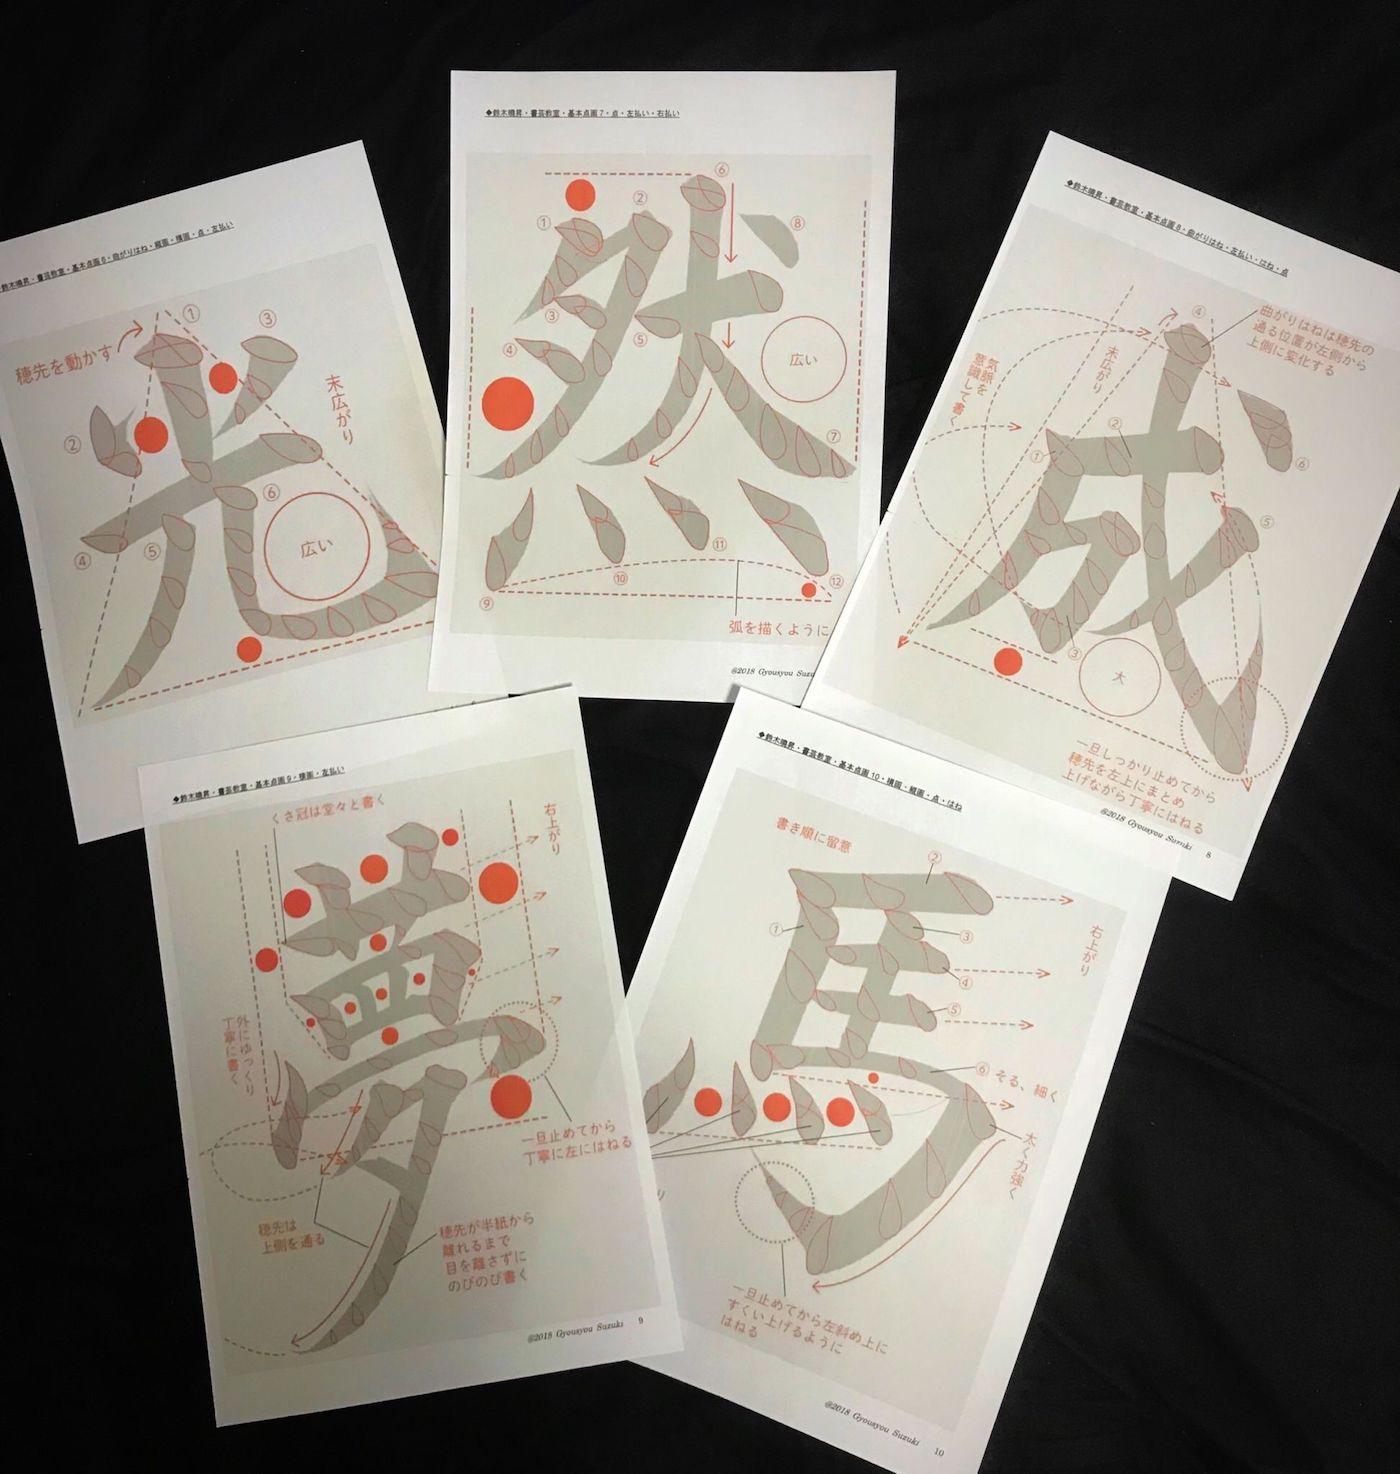 Des posters conçus pour apprendre la calligraphie japonaise